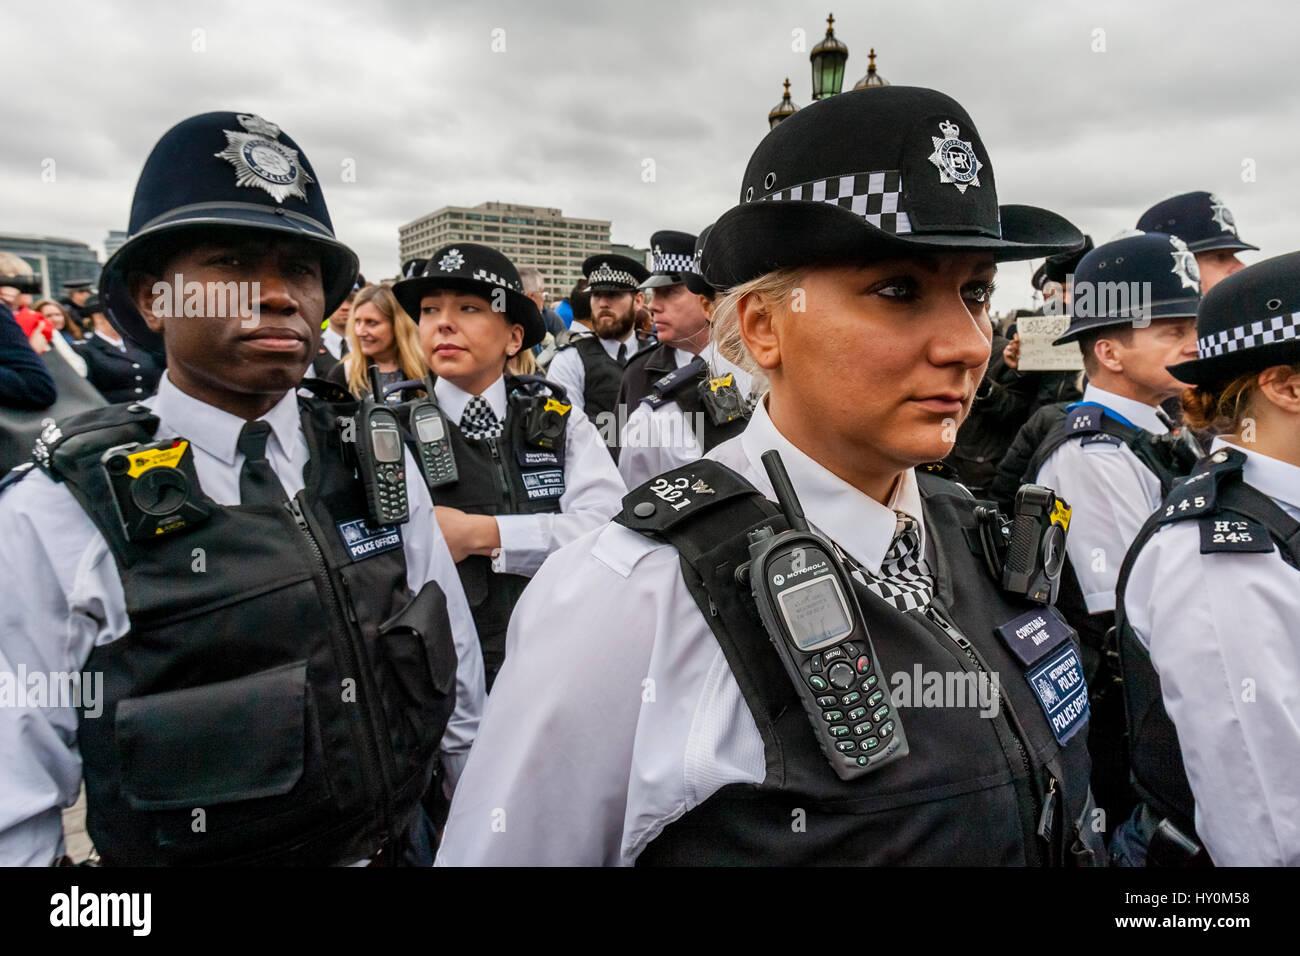 Je pense à la police de la route, au secours en montagne ou encore à la garde la capacité, au coup de sifflet, de se regrouper rapidement.